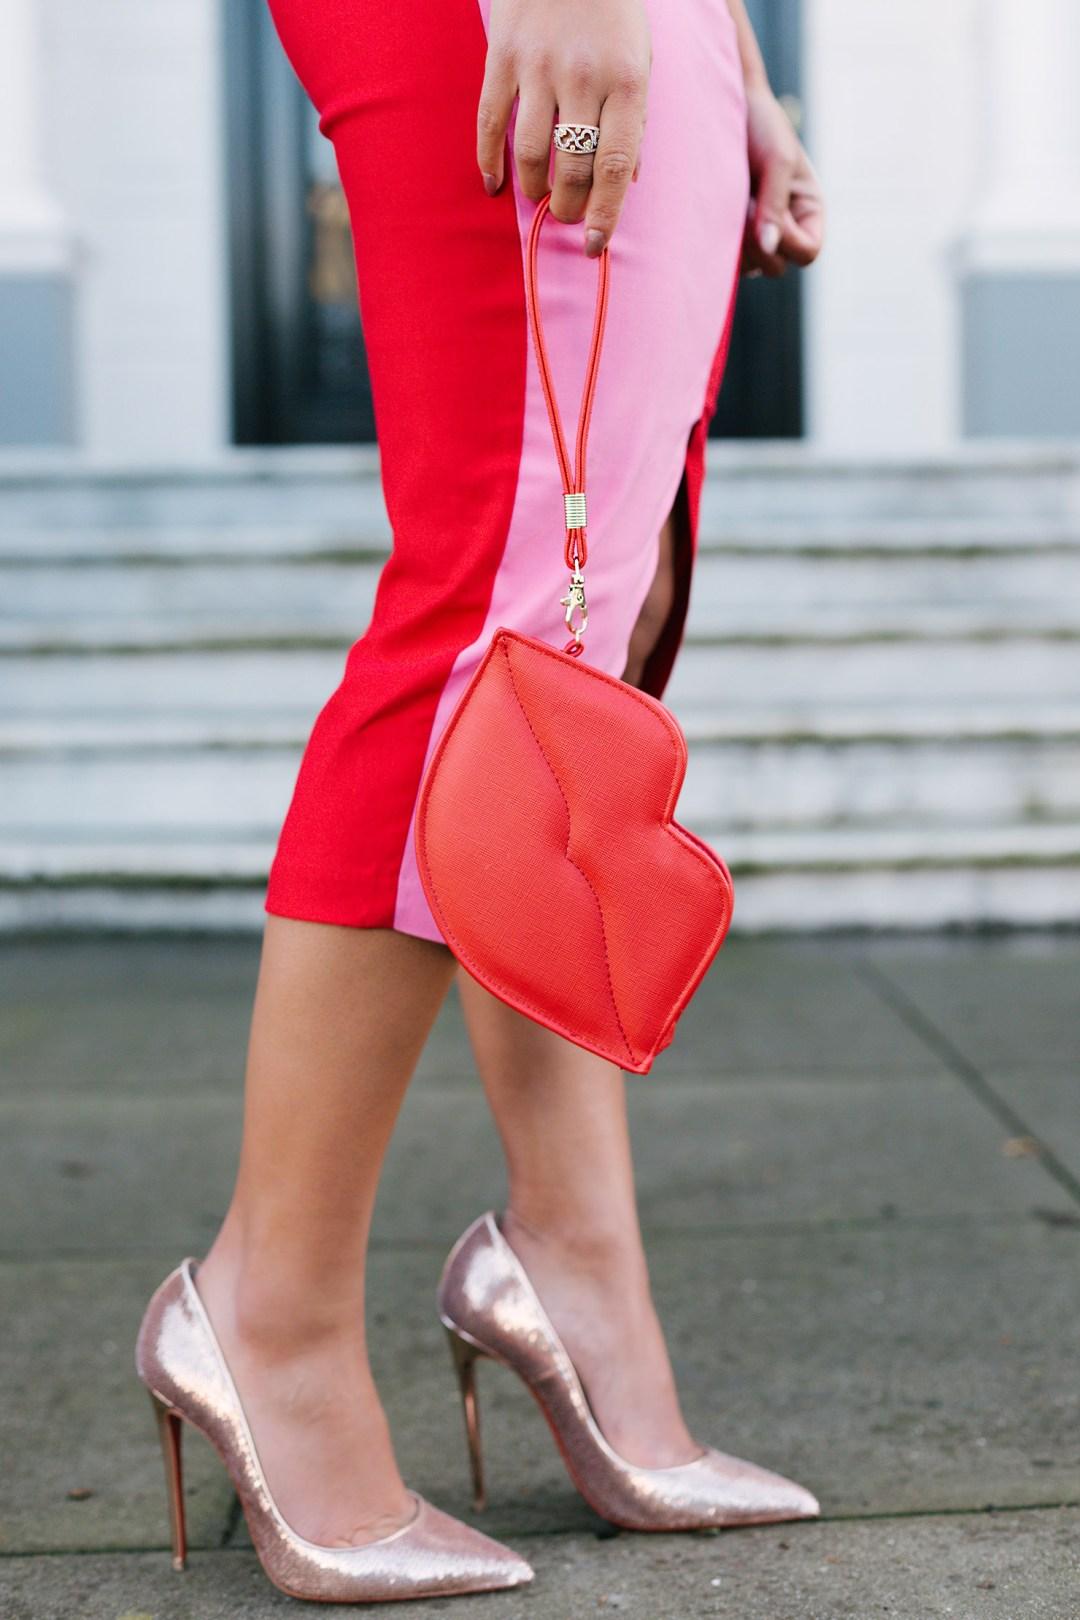 Lifestyle blogger Kelsey Kaplan of Kelsey Kaplan Fashion wearing Sweetheart Midi Dress and sequin Christian Louboutin heels